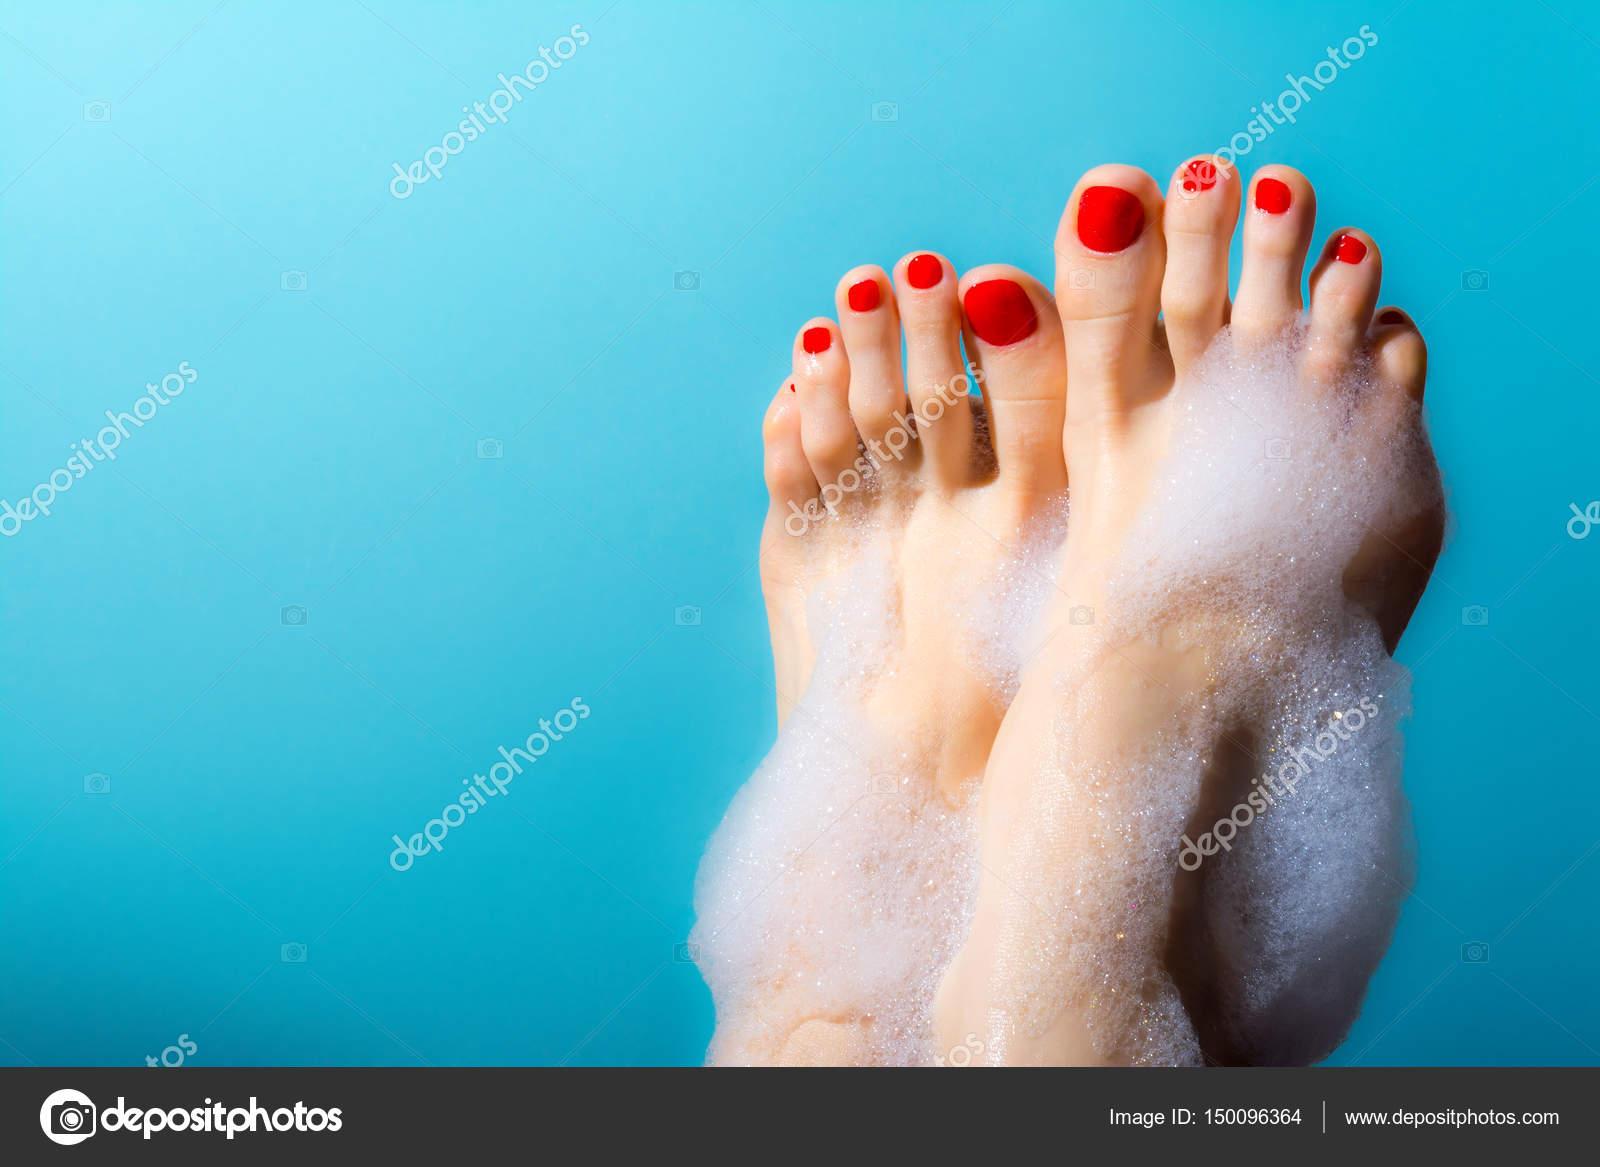 Füße eines jungen Mädchens mit roten Nägeln in einem dicken Schaum ...